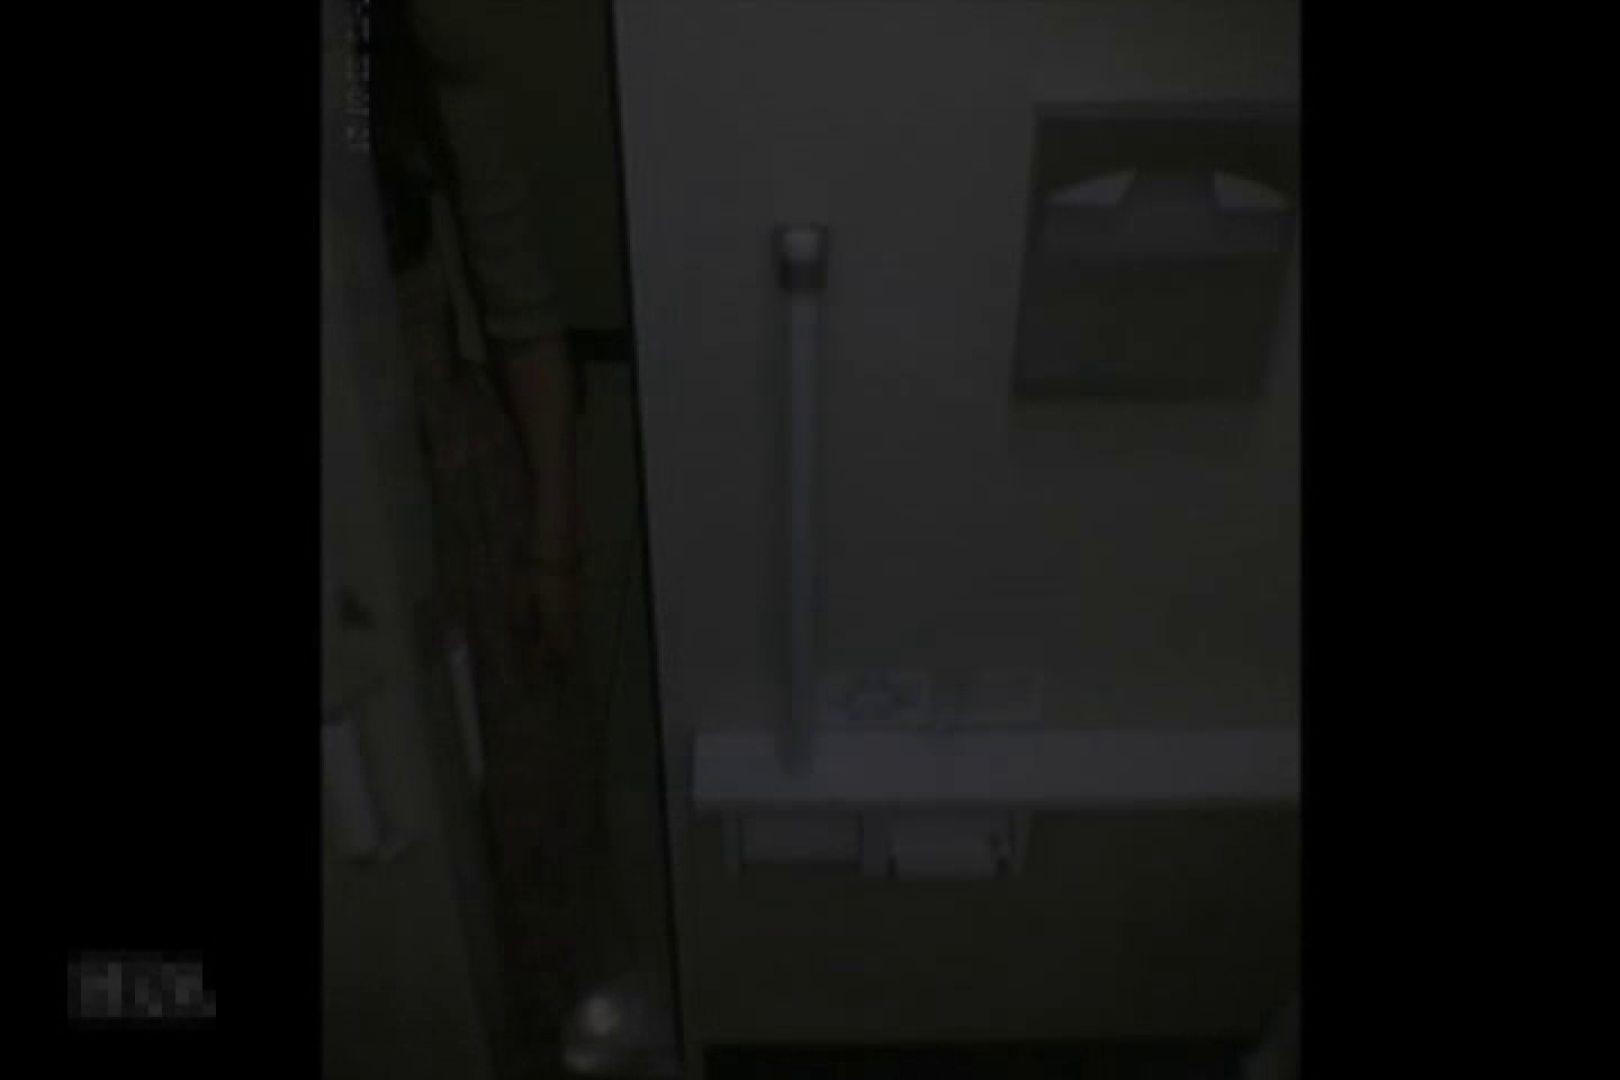 洋式洗面所オムニバスvol.8 お姉さんのヌード  104画像 80